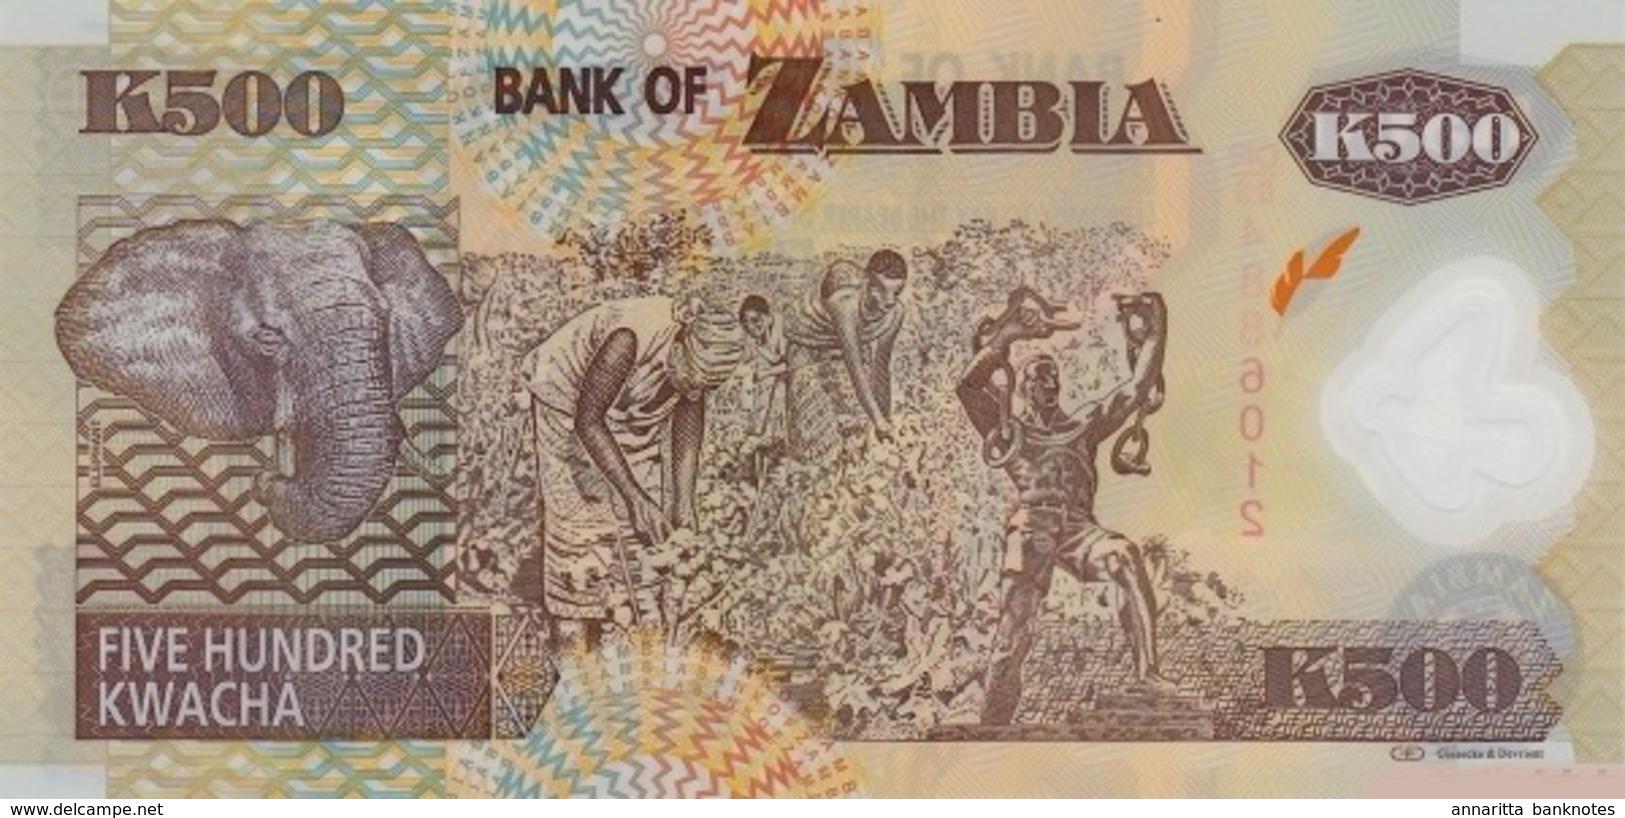 ZAMBIA 500 KWACHA 2011 P-43h UNC  [ZM145h] - Zambia